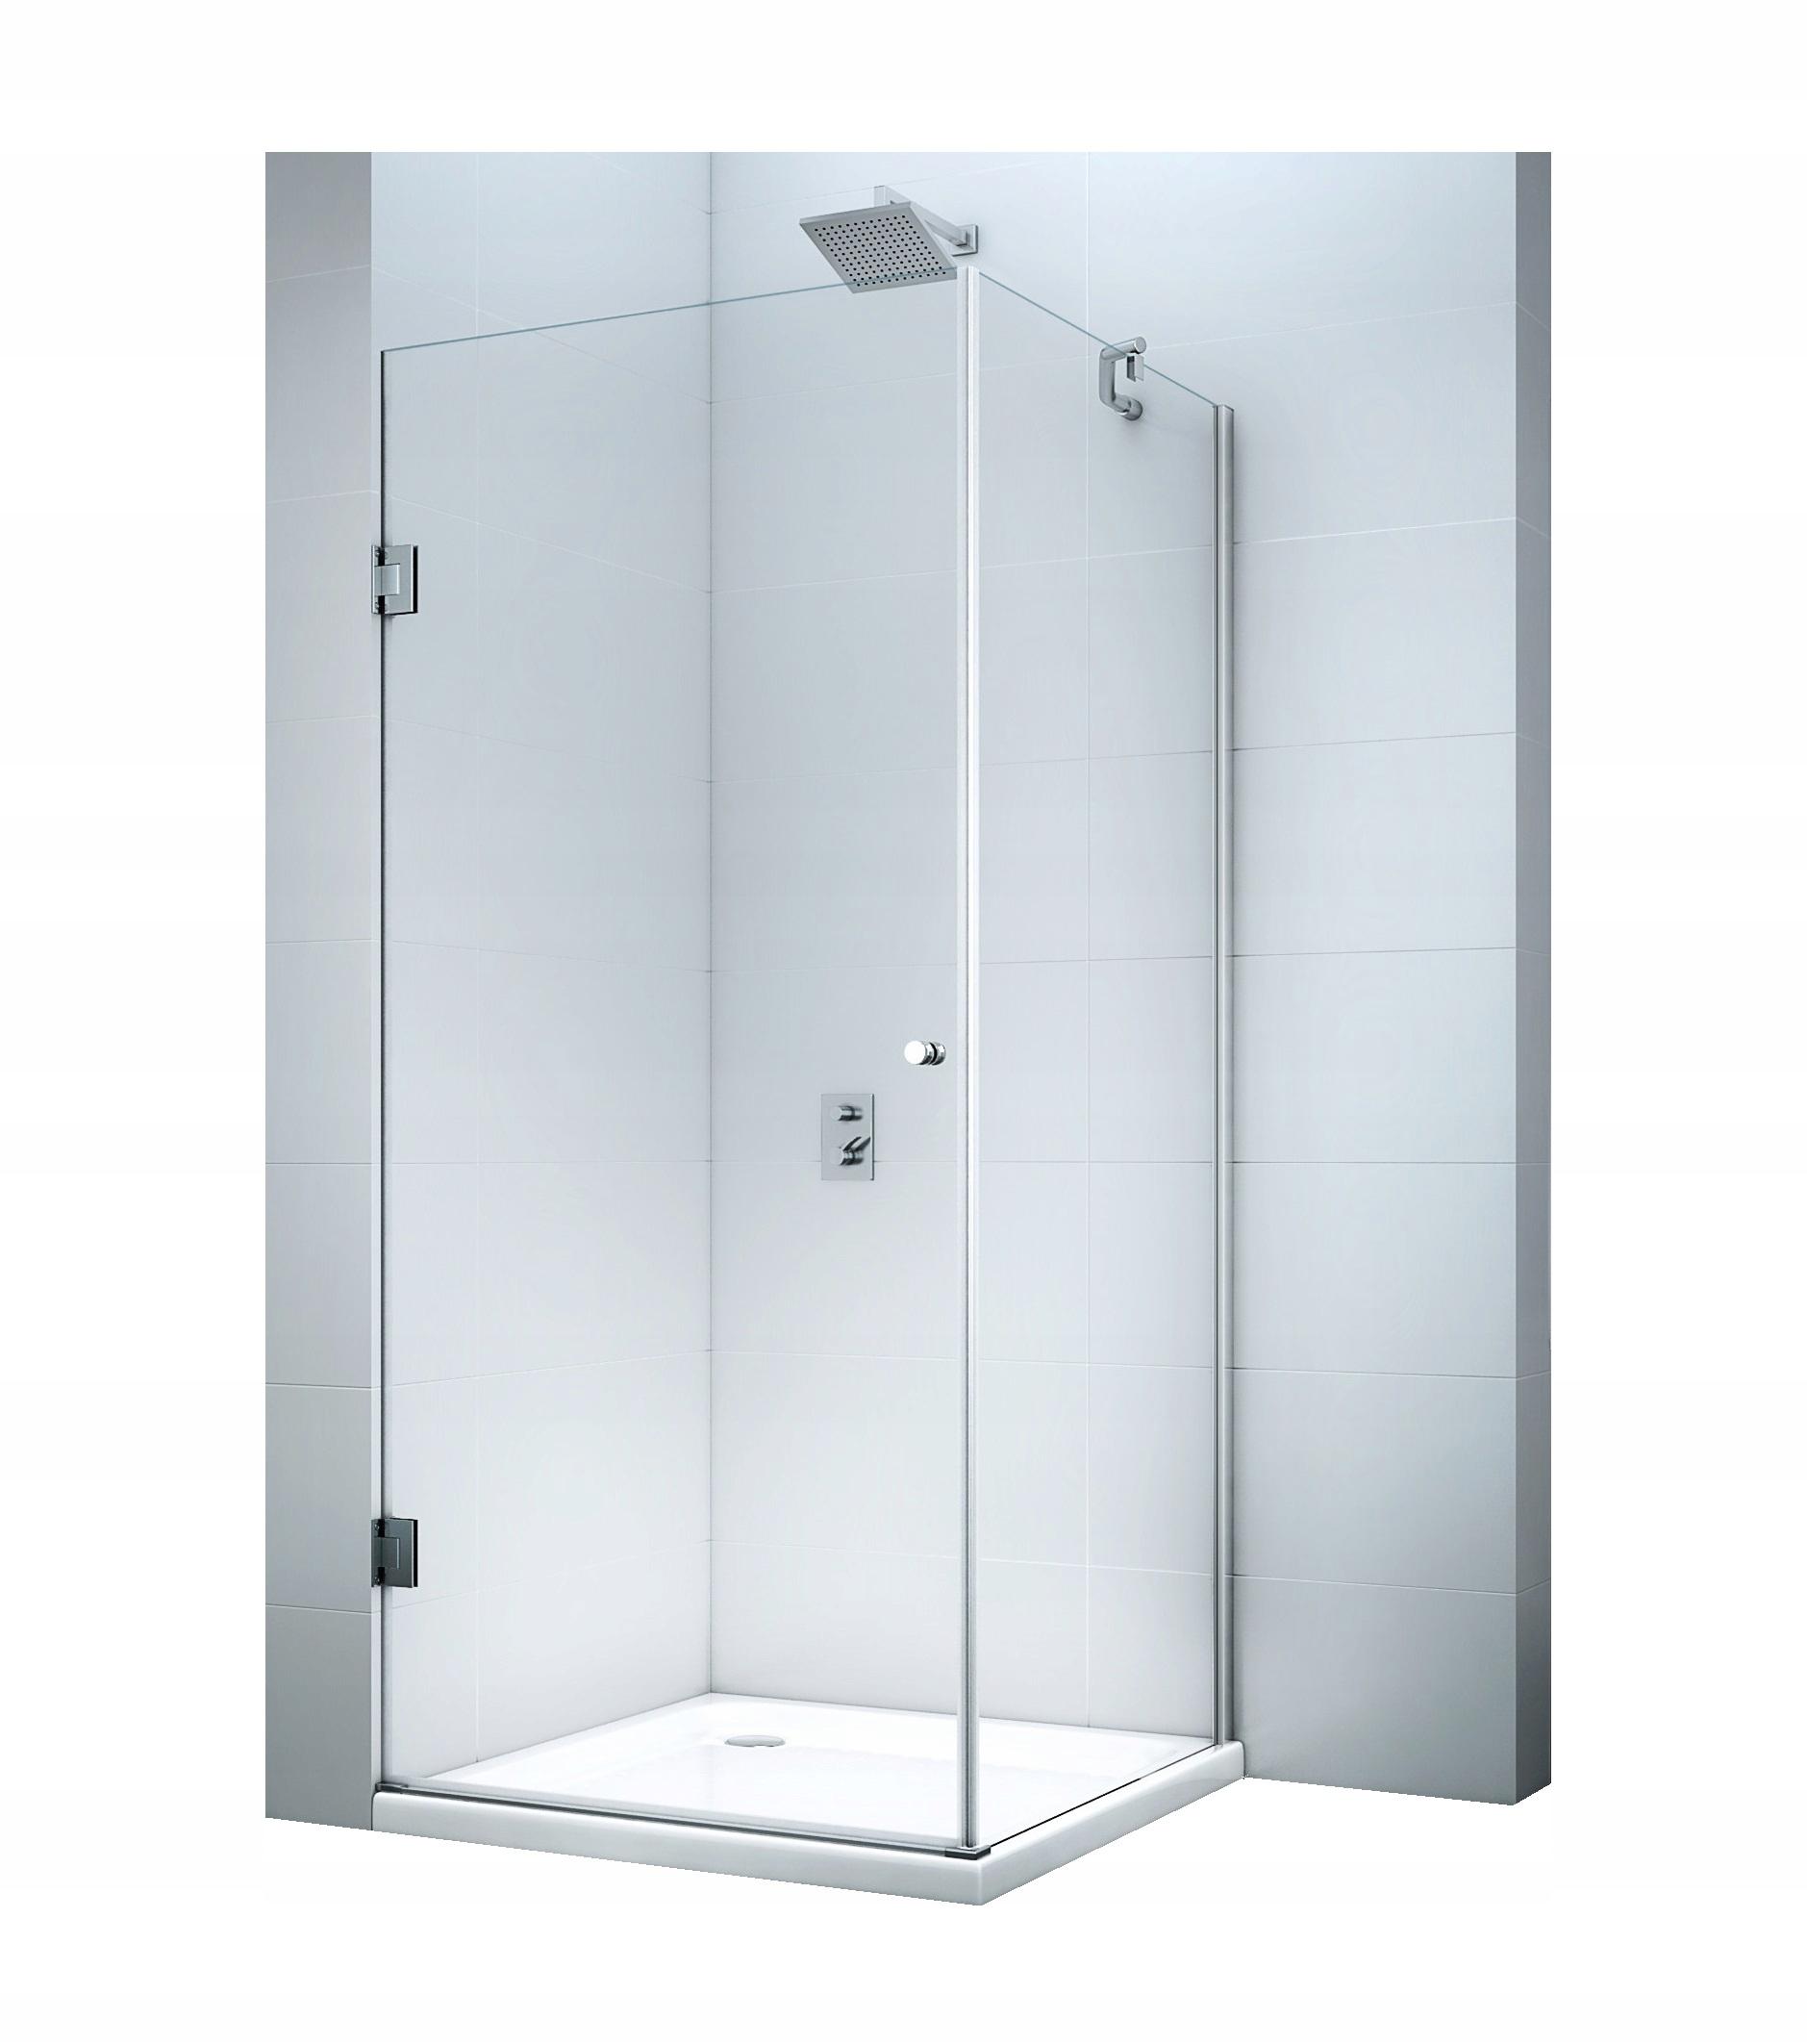 Výklopný sprchovací kút MS302 SWISS 100x100 8mm